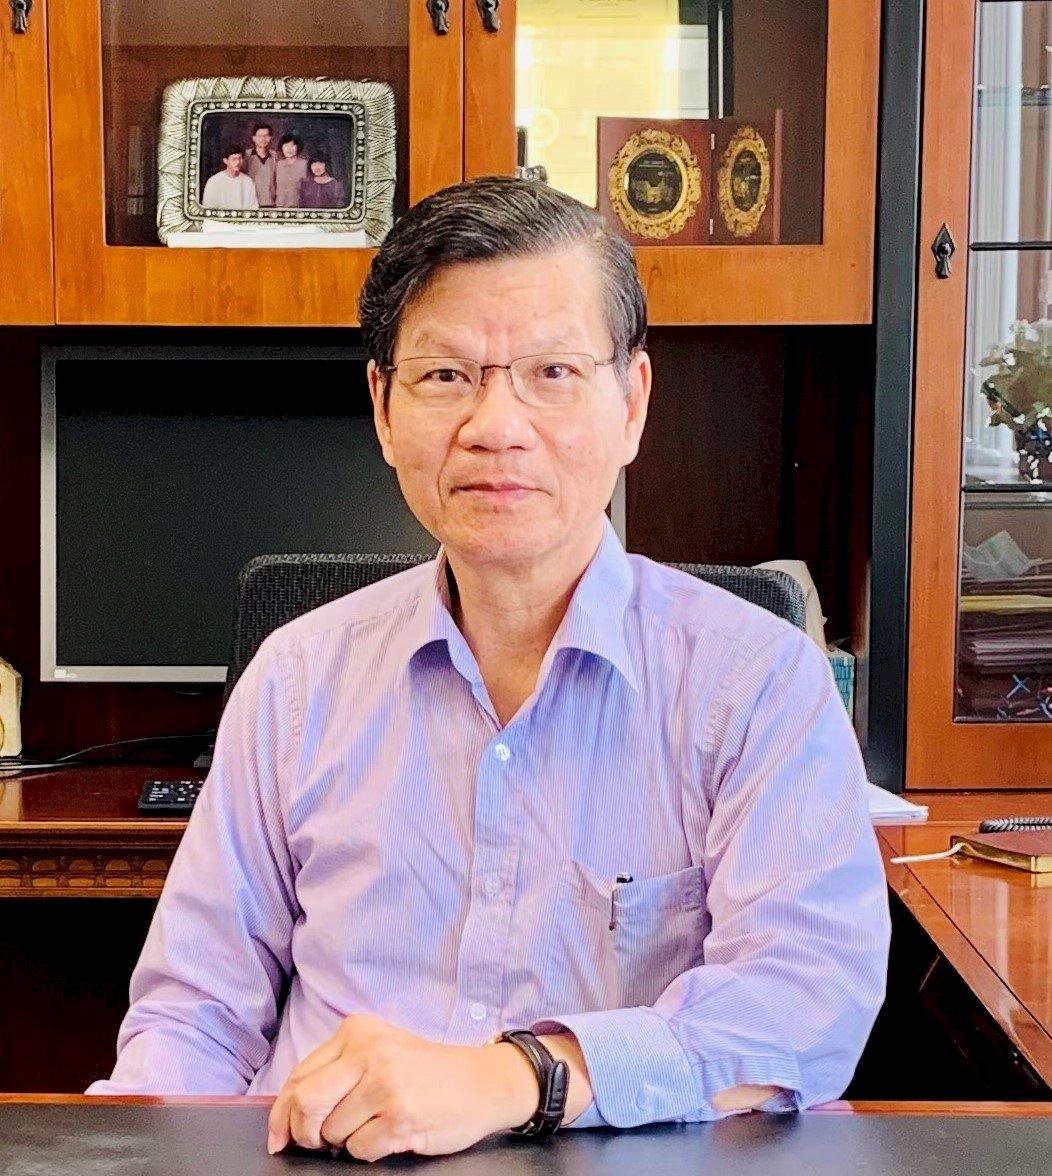 華人科學家第一人!中研院翁啟惠院士獲「威爾許化學獎」